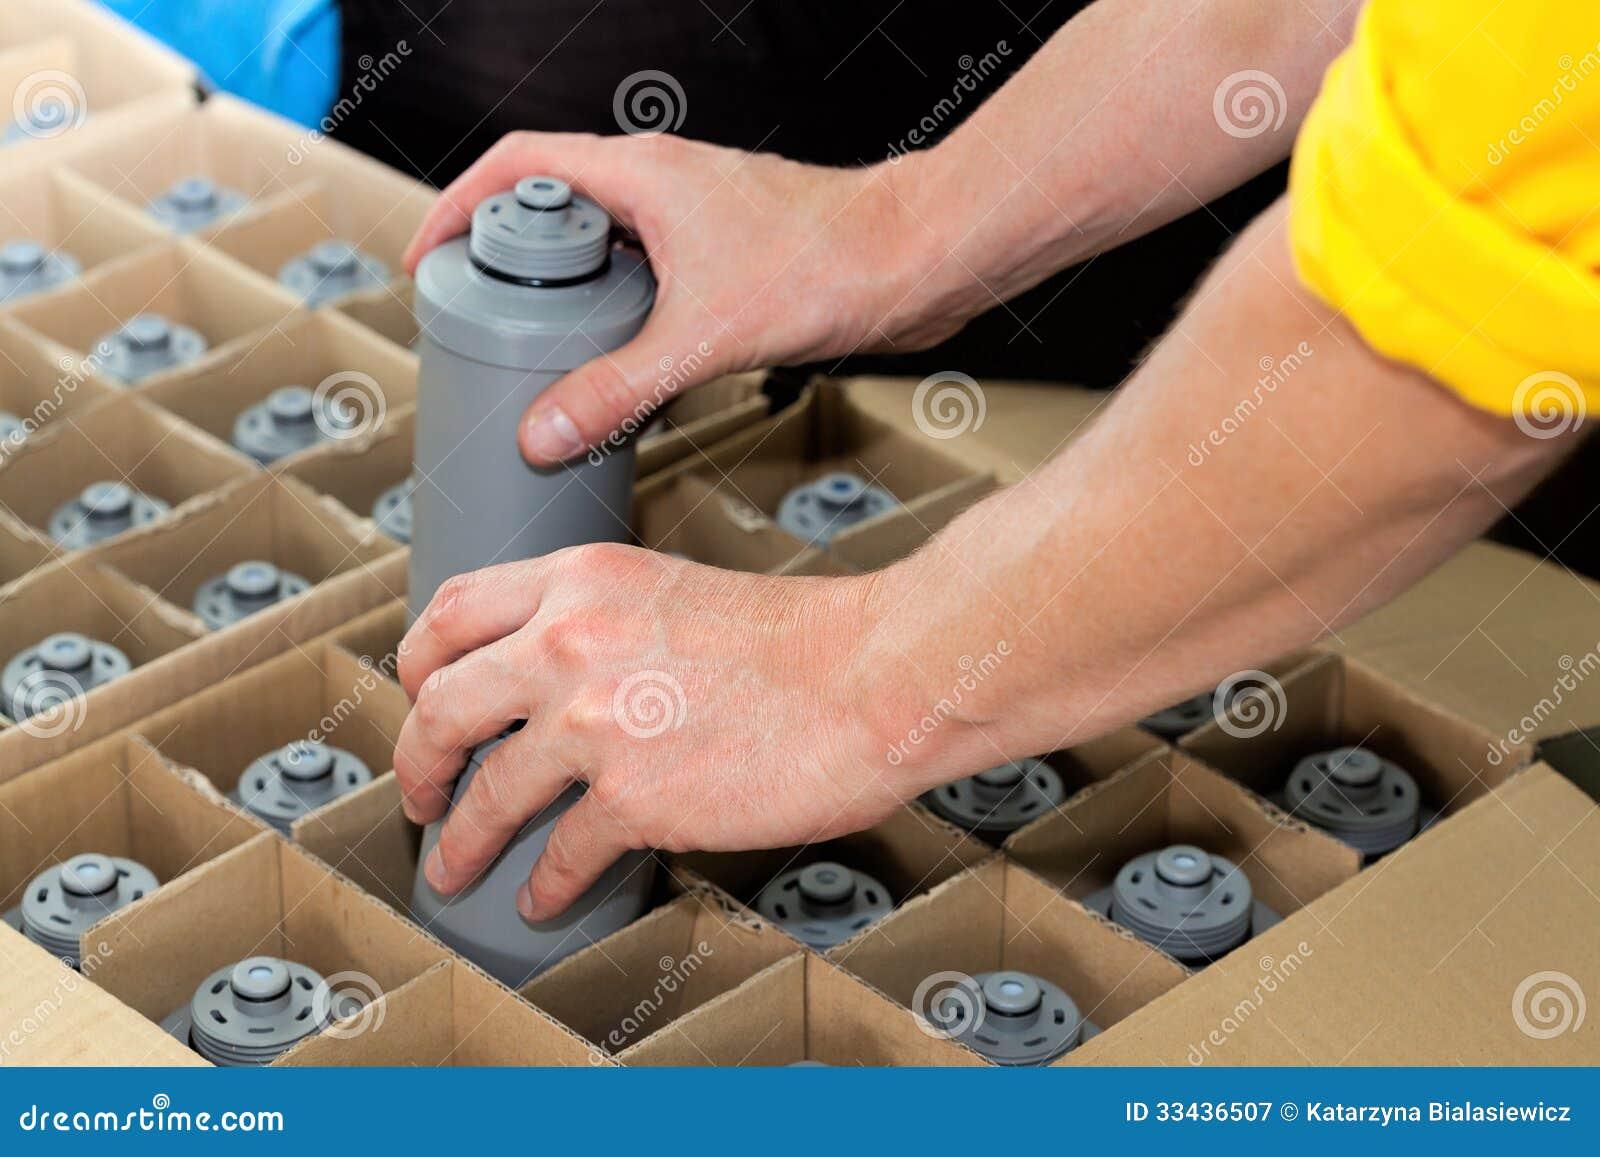 Verpackungswasserfilter